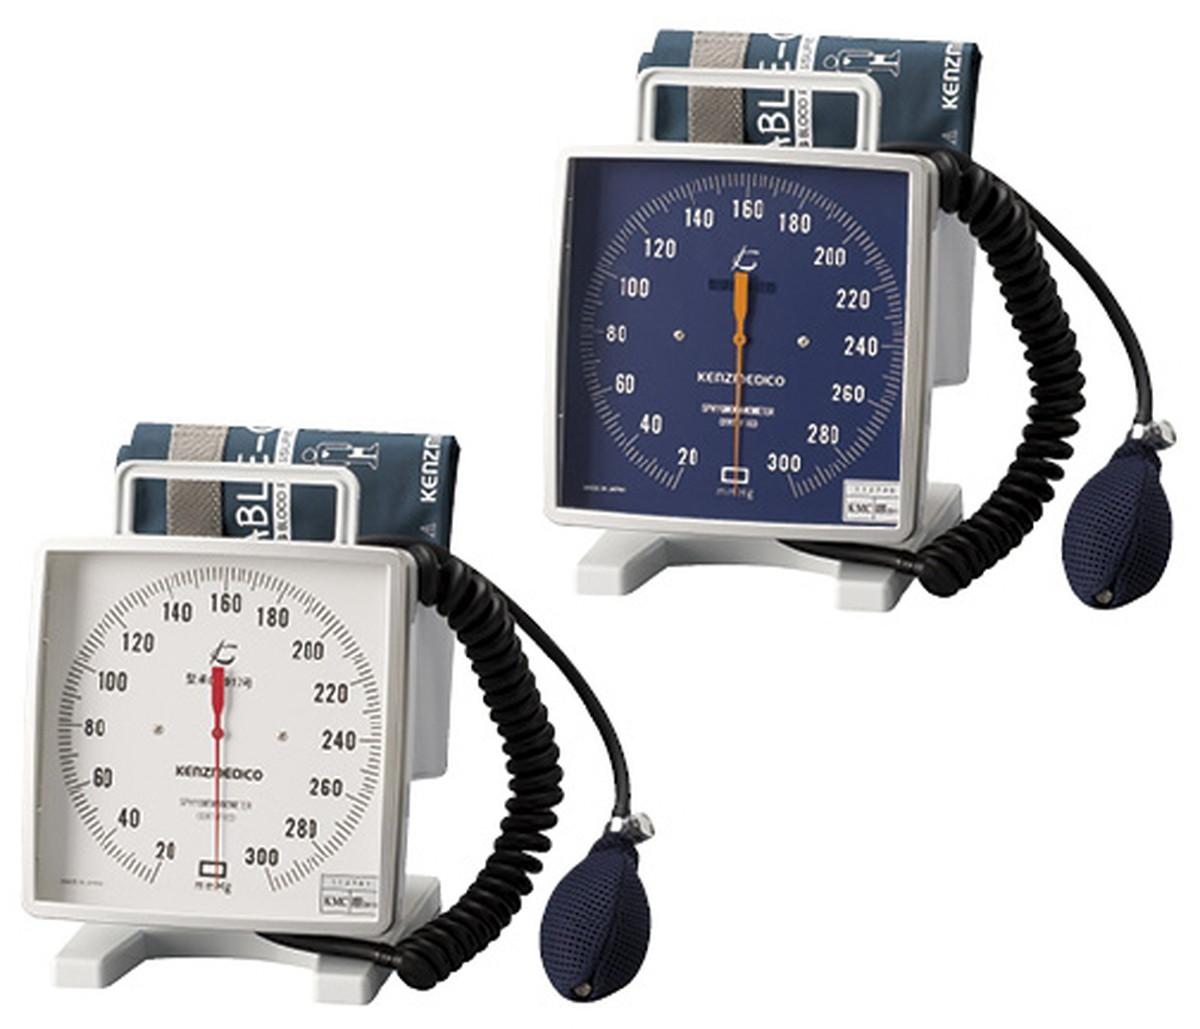 ★最大P24倍★ 1/9-1/16【送料無料】-大型アネロイド血圧計(卓上型)Wカフ NO.543(ホワイト)Wカフ 品番 my24-3263-00-- 1入り-【MY医科器機】JAN 4560105682106